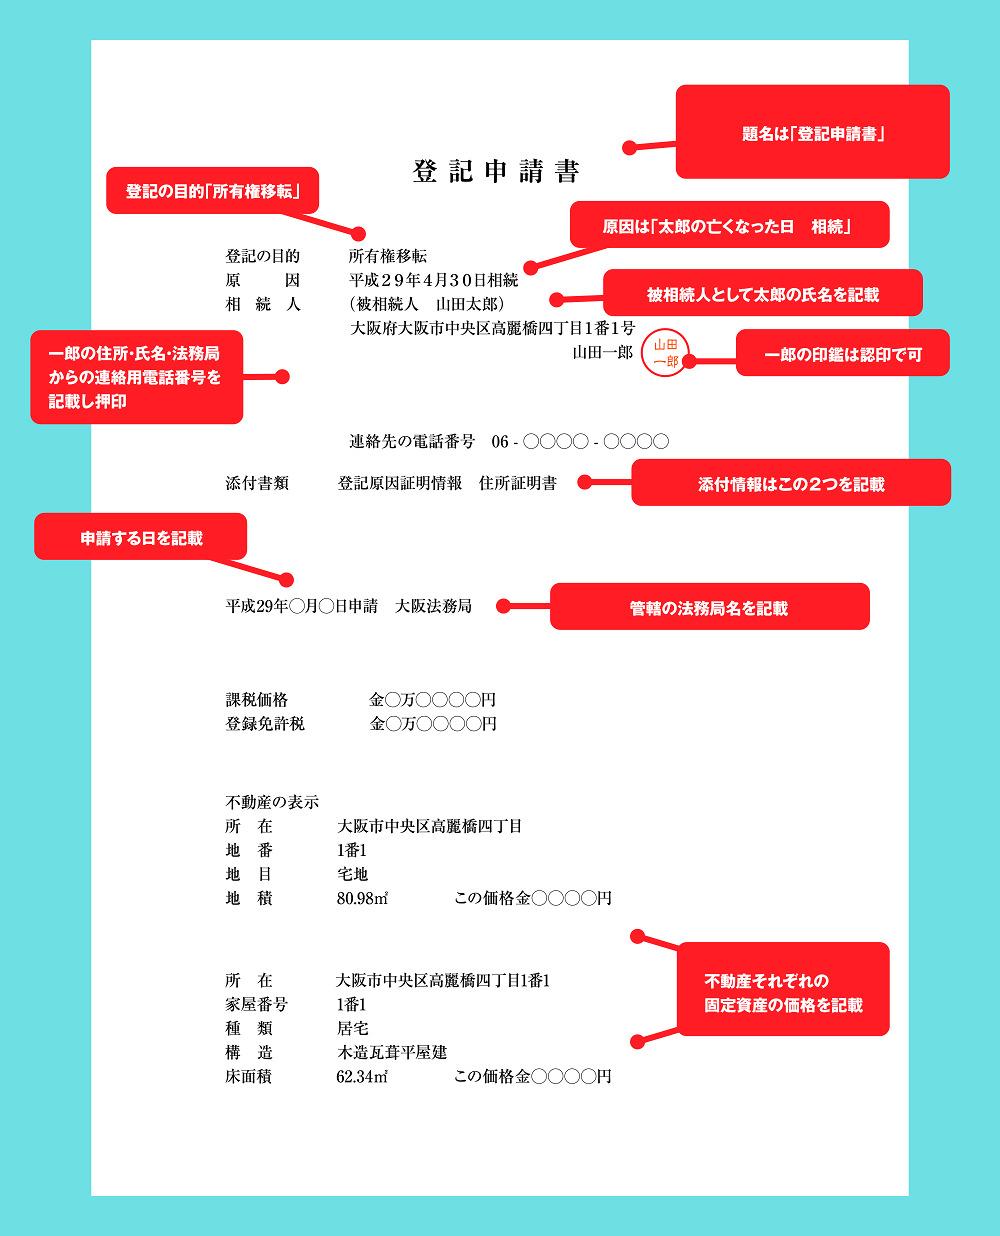 登記申請書 遺産分割協議